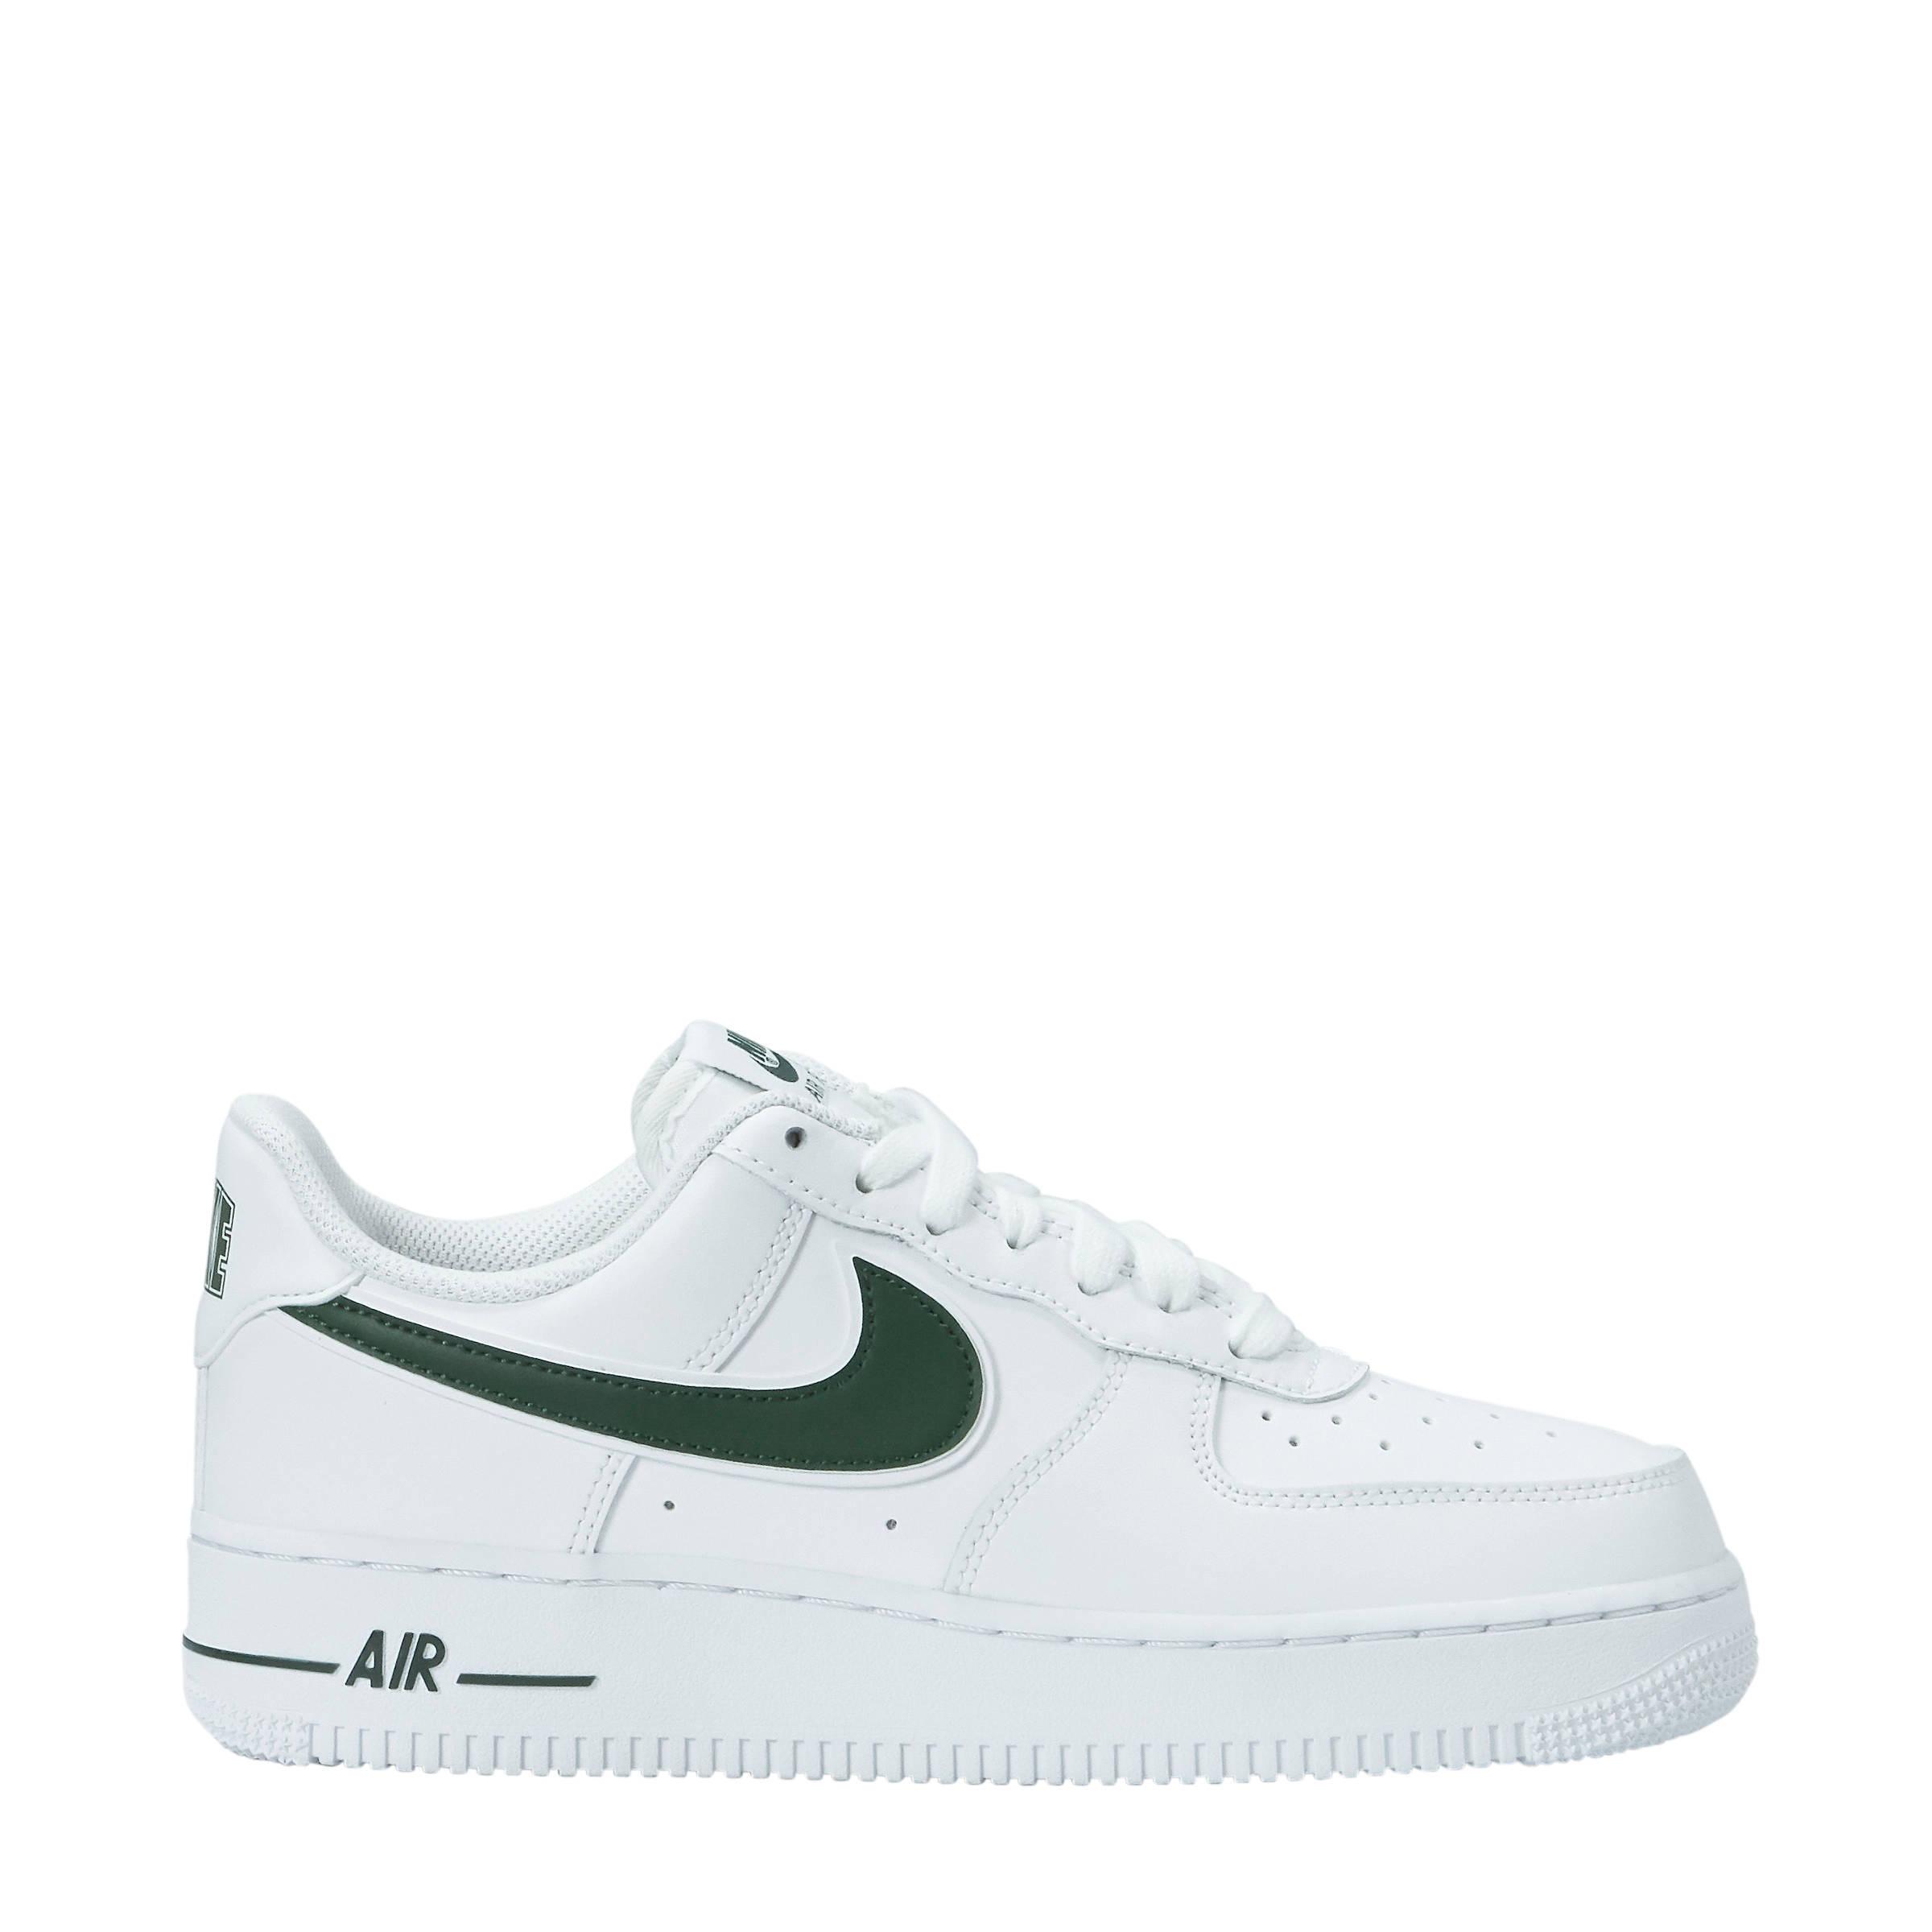 Air Force 1 '07 3 sneakers leer wit/groen